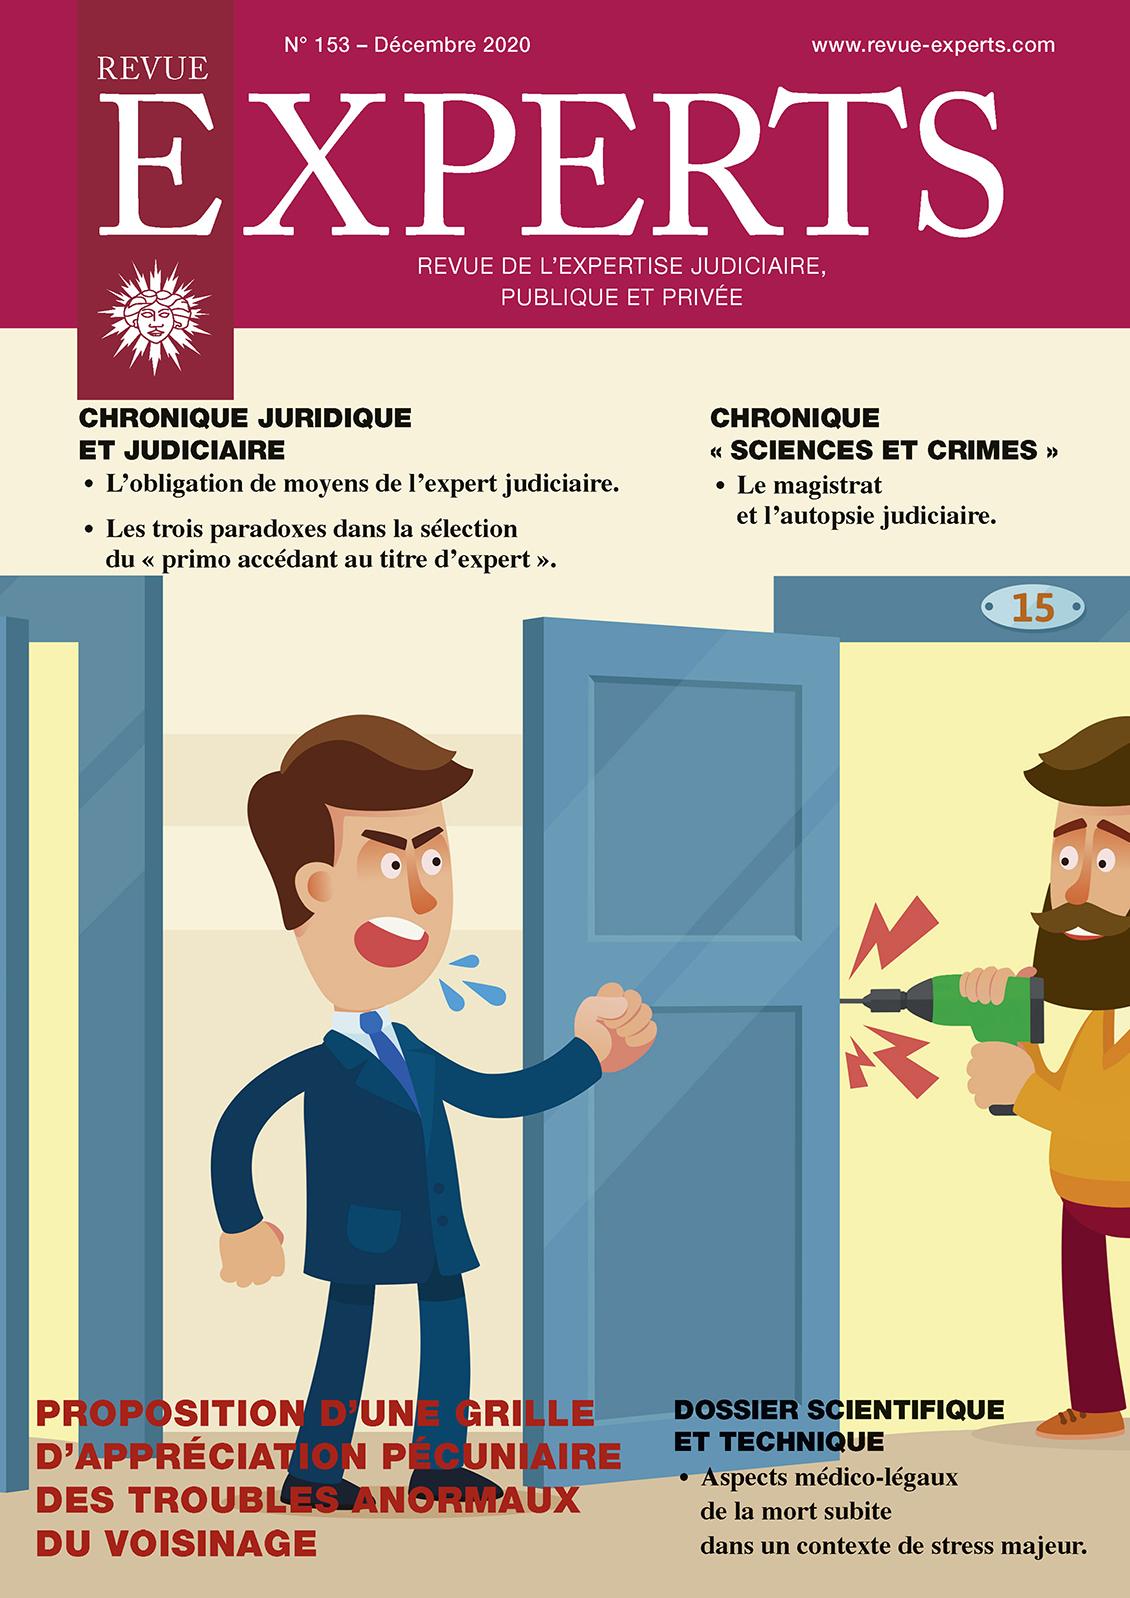 trouble_anormal_du_voisinage_expert_immobilier_favre_reguillon